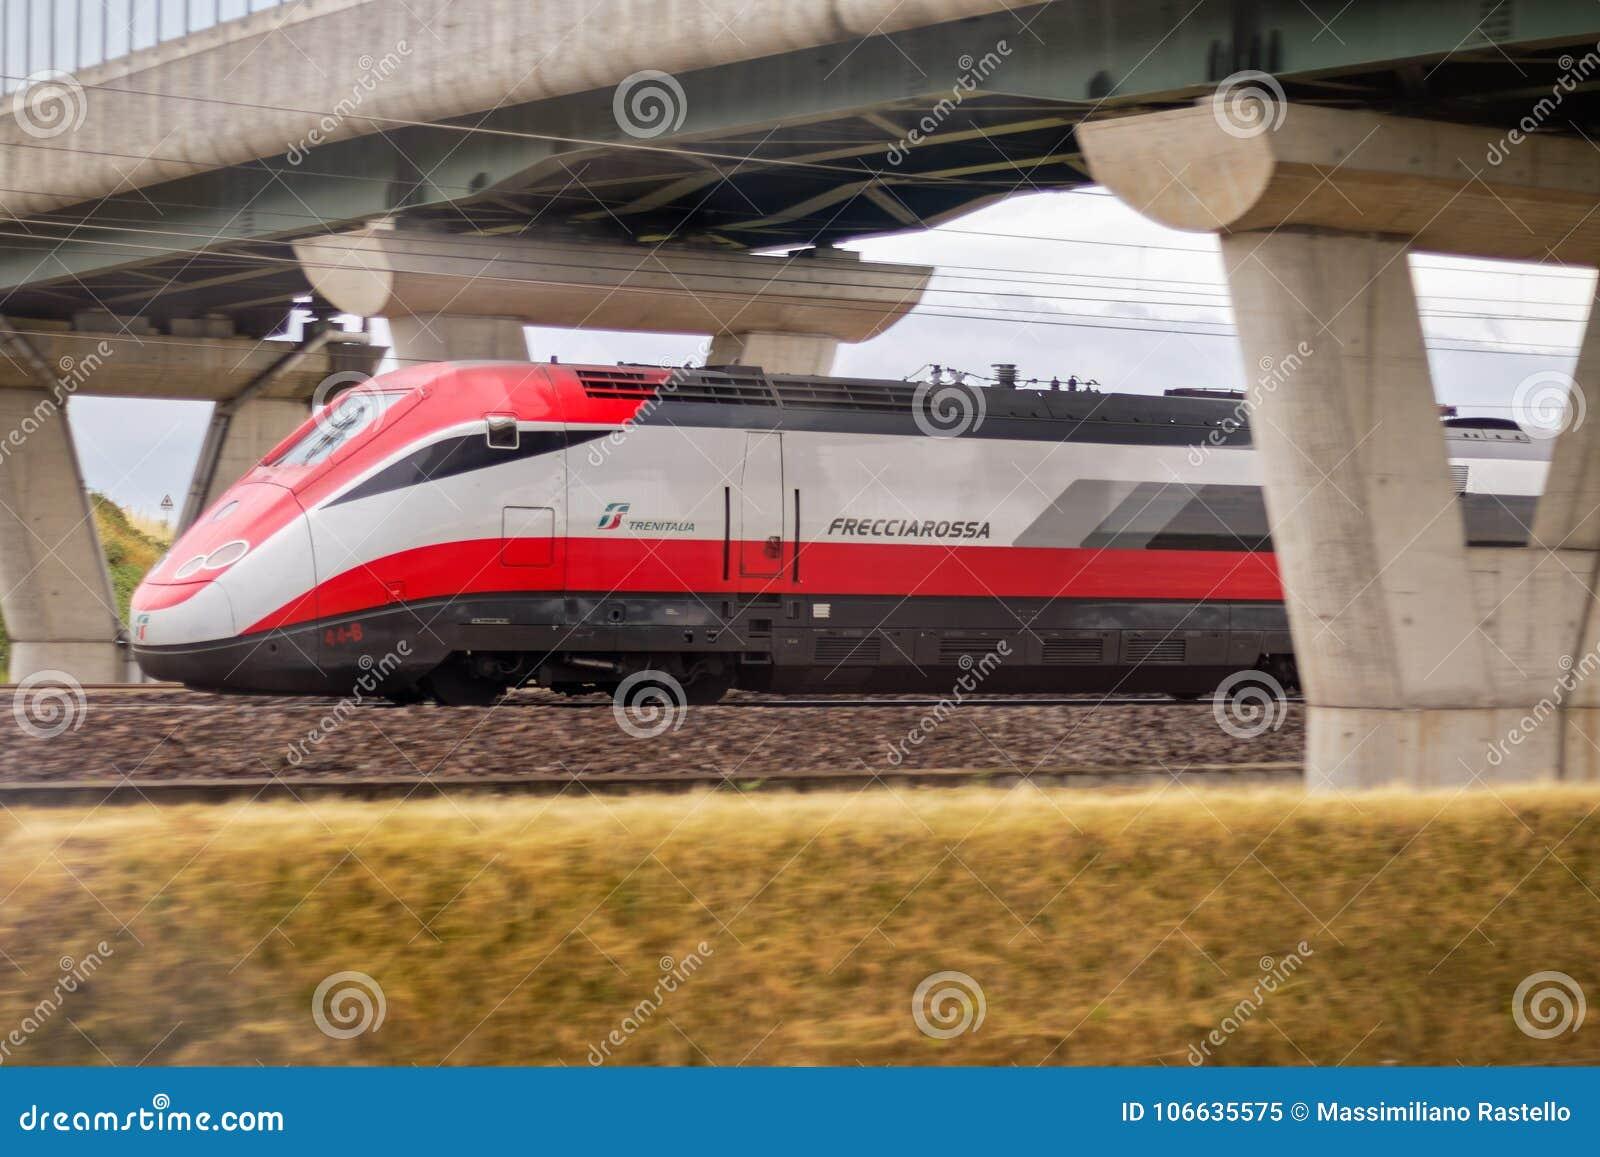 Italienischer Zug Frecciarossa-Betrieb